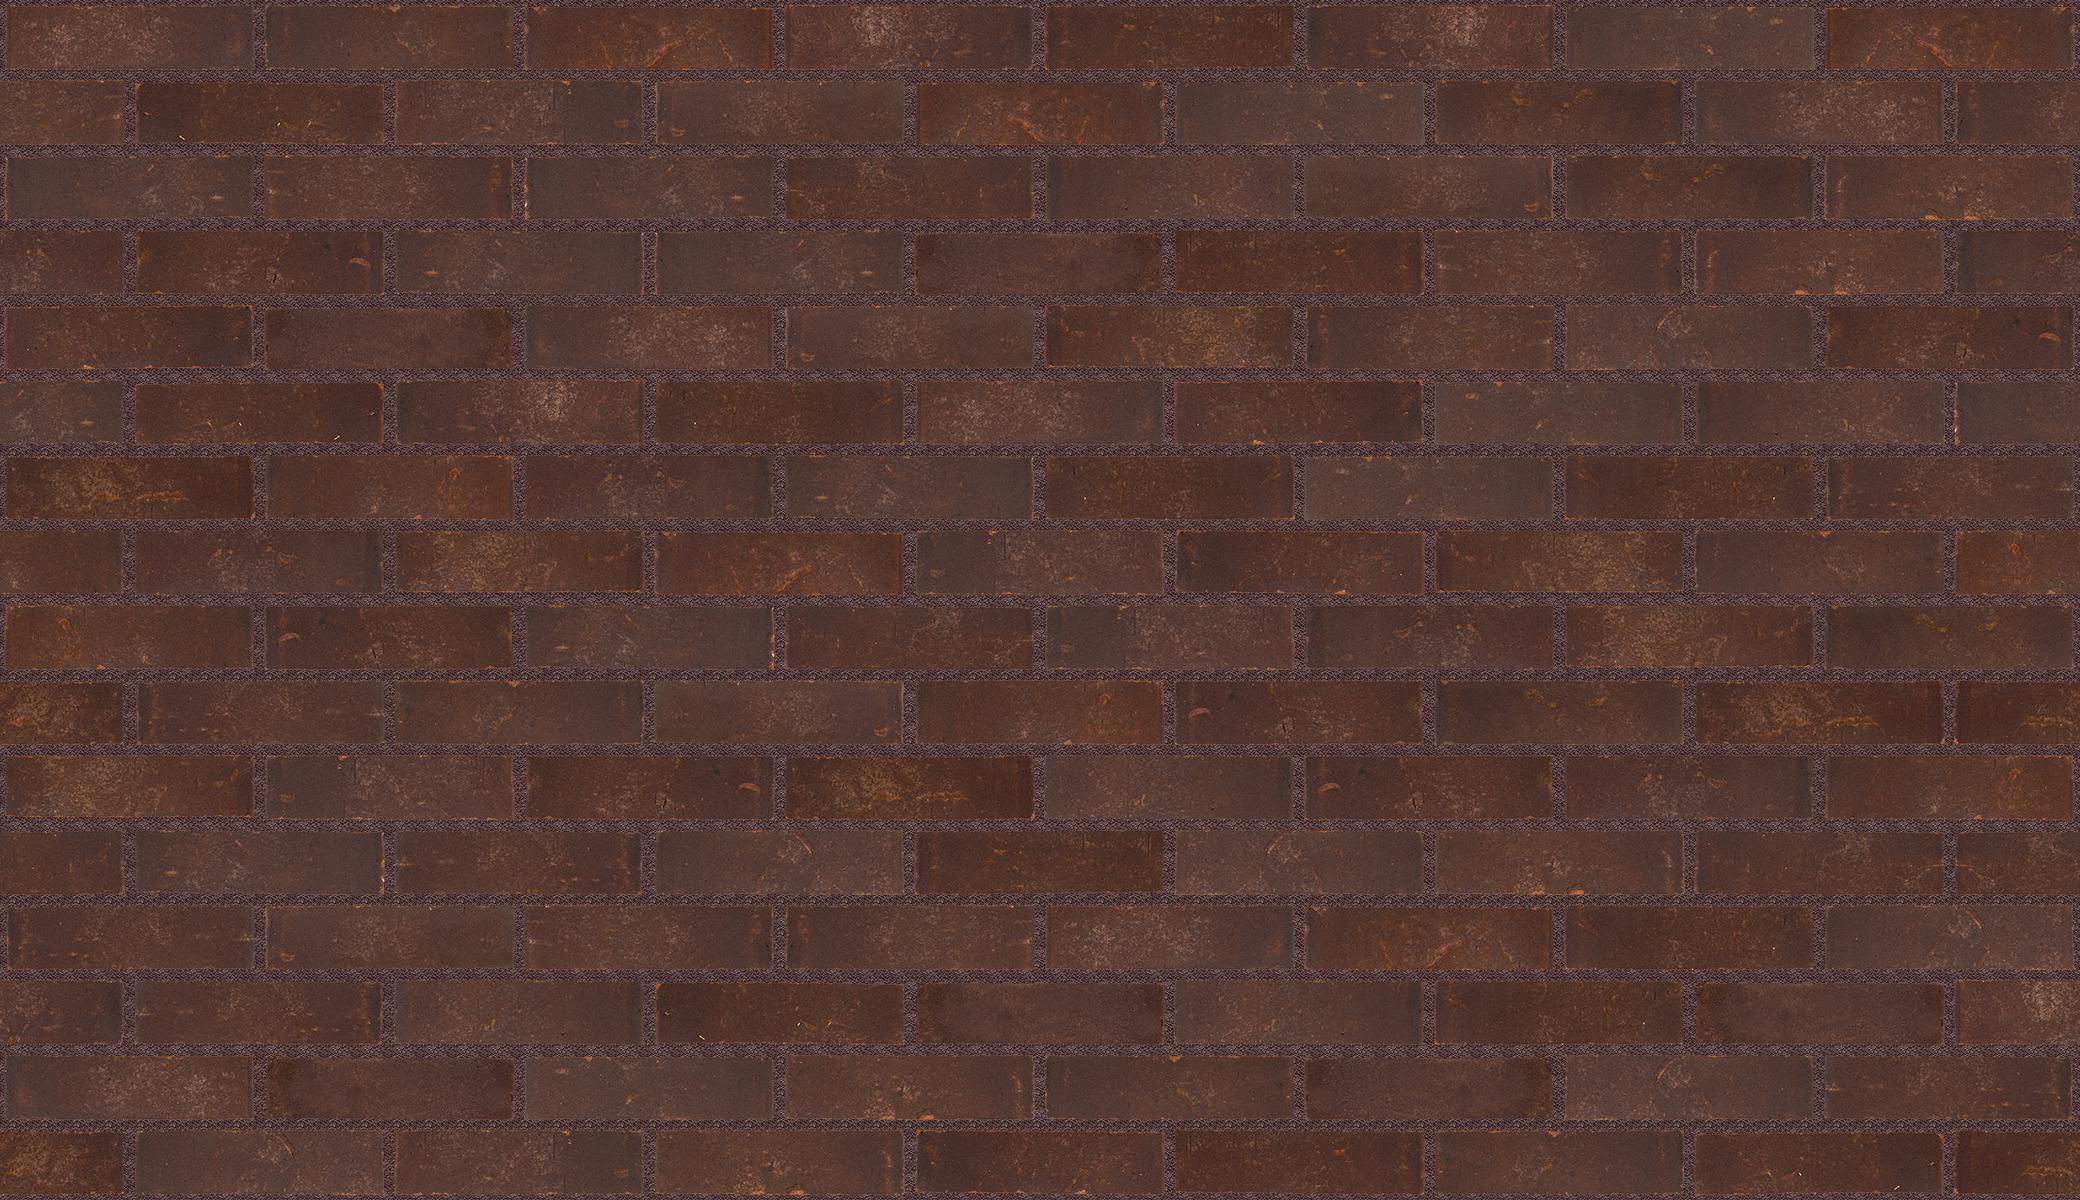 Terca Narva Нарва Nordic Klinker Line Ложковая в 1 2 кирпича Тёмно коричневый